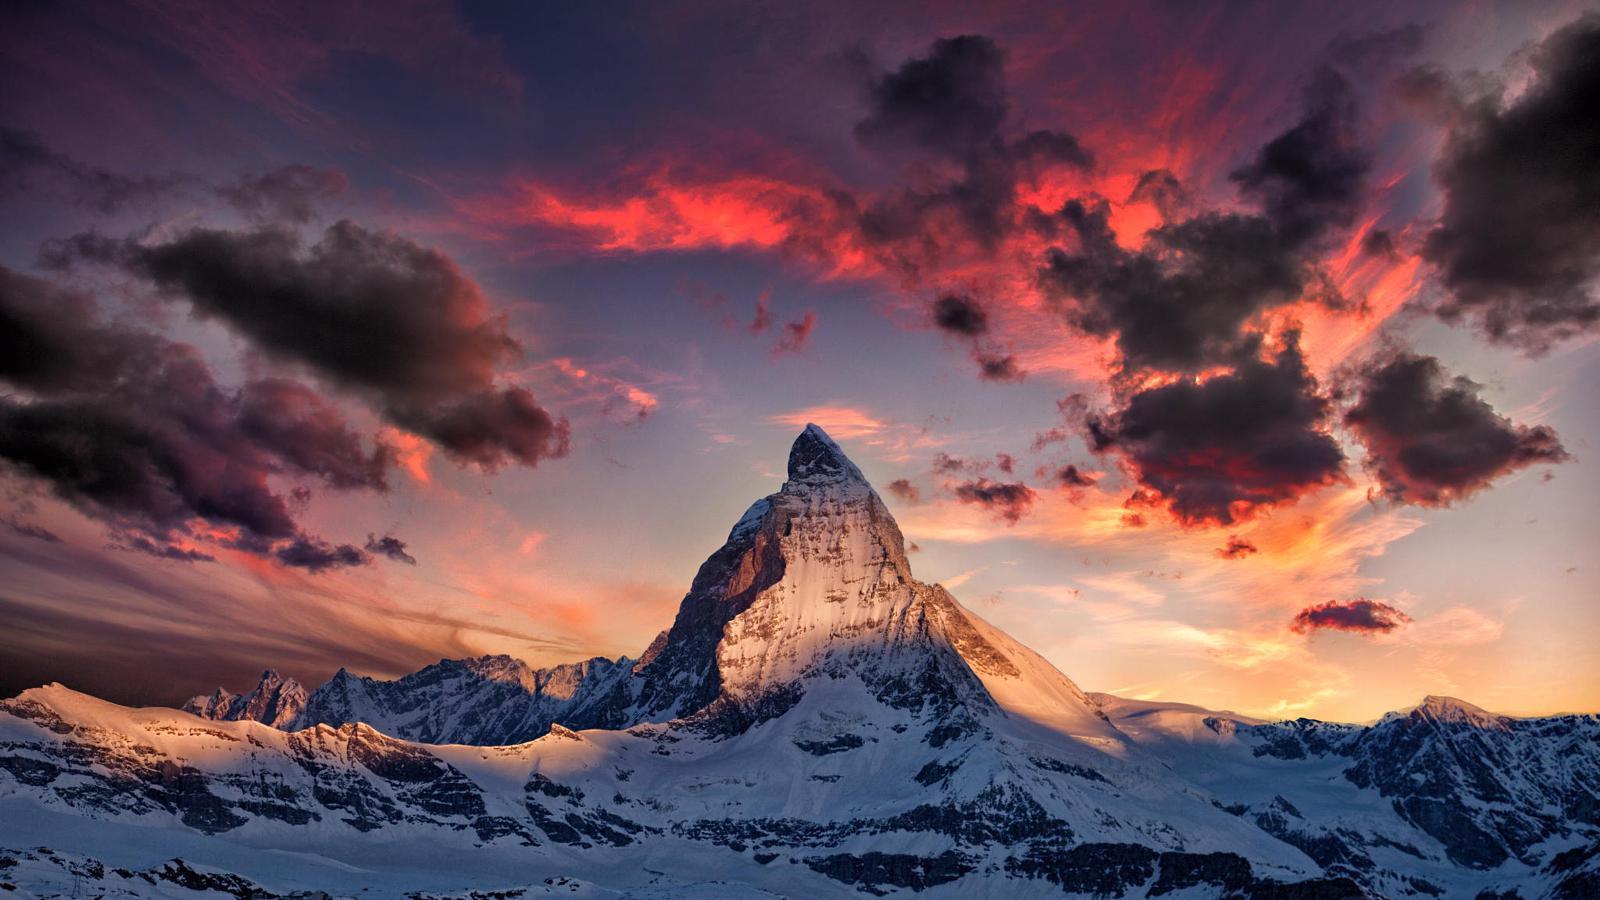 Самое интересное : Играем всей семьей с приставкой и контролером PS4